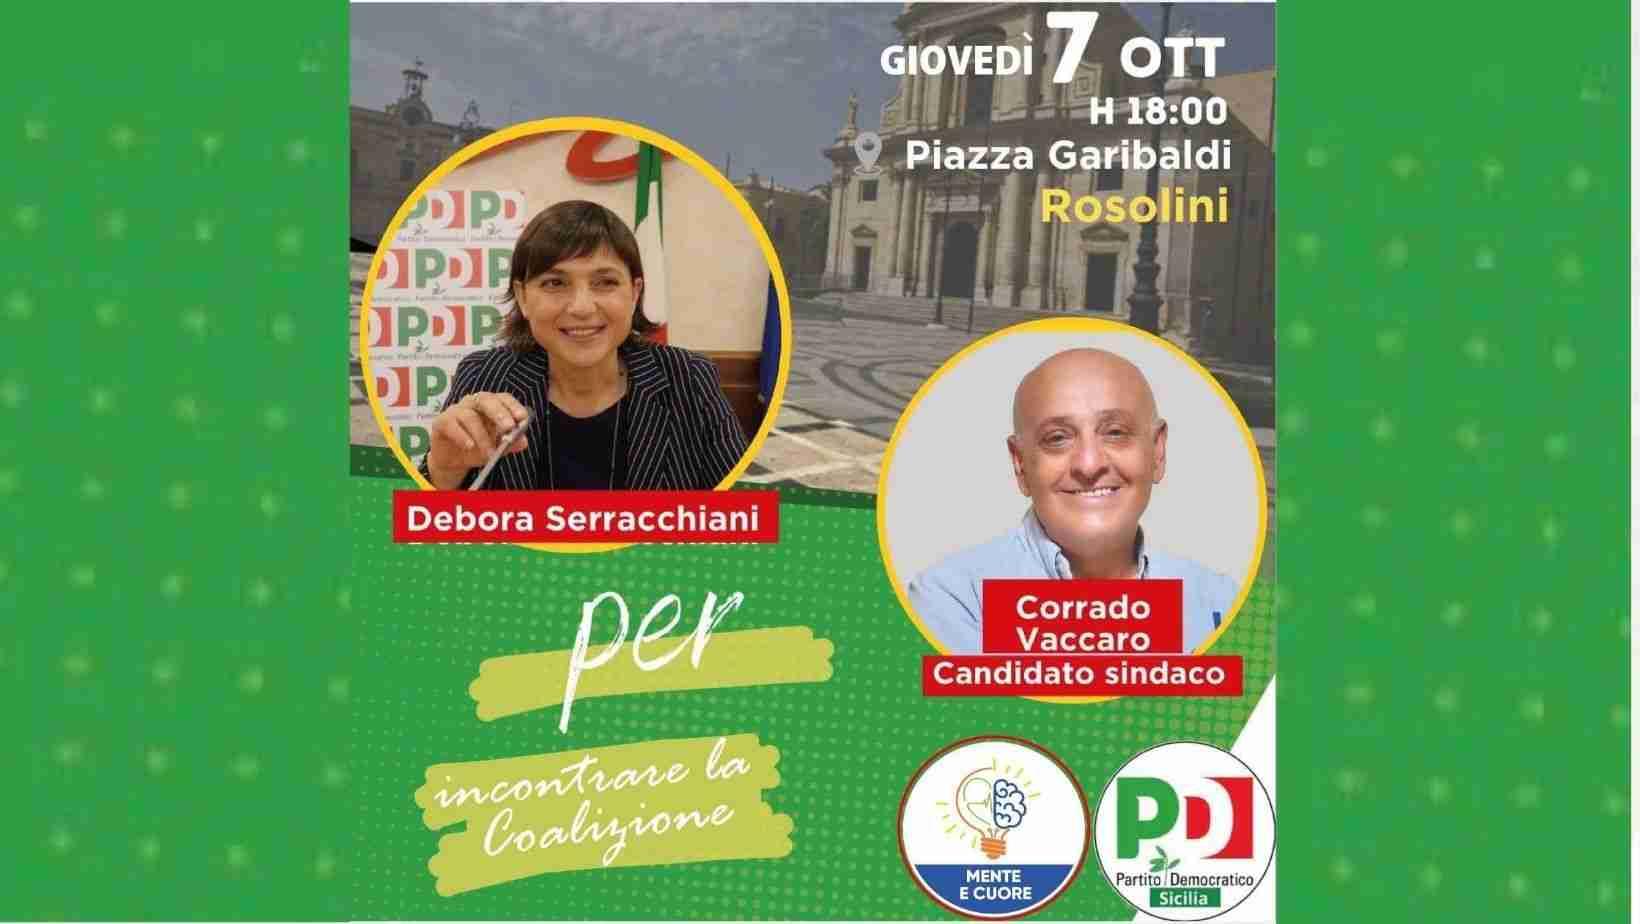 Oggi in Piazza Garibaldi la deputata Pd Debora Serracchiani a sostegno di Corrado Vaccaro